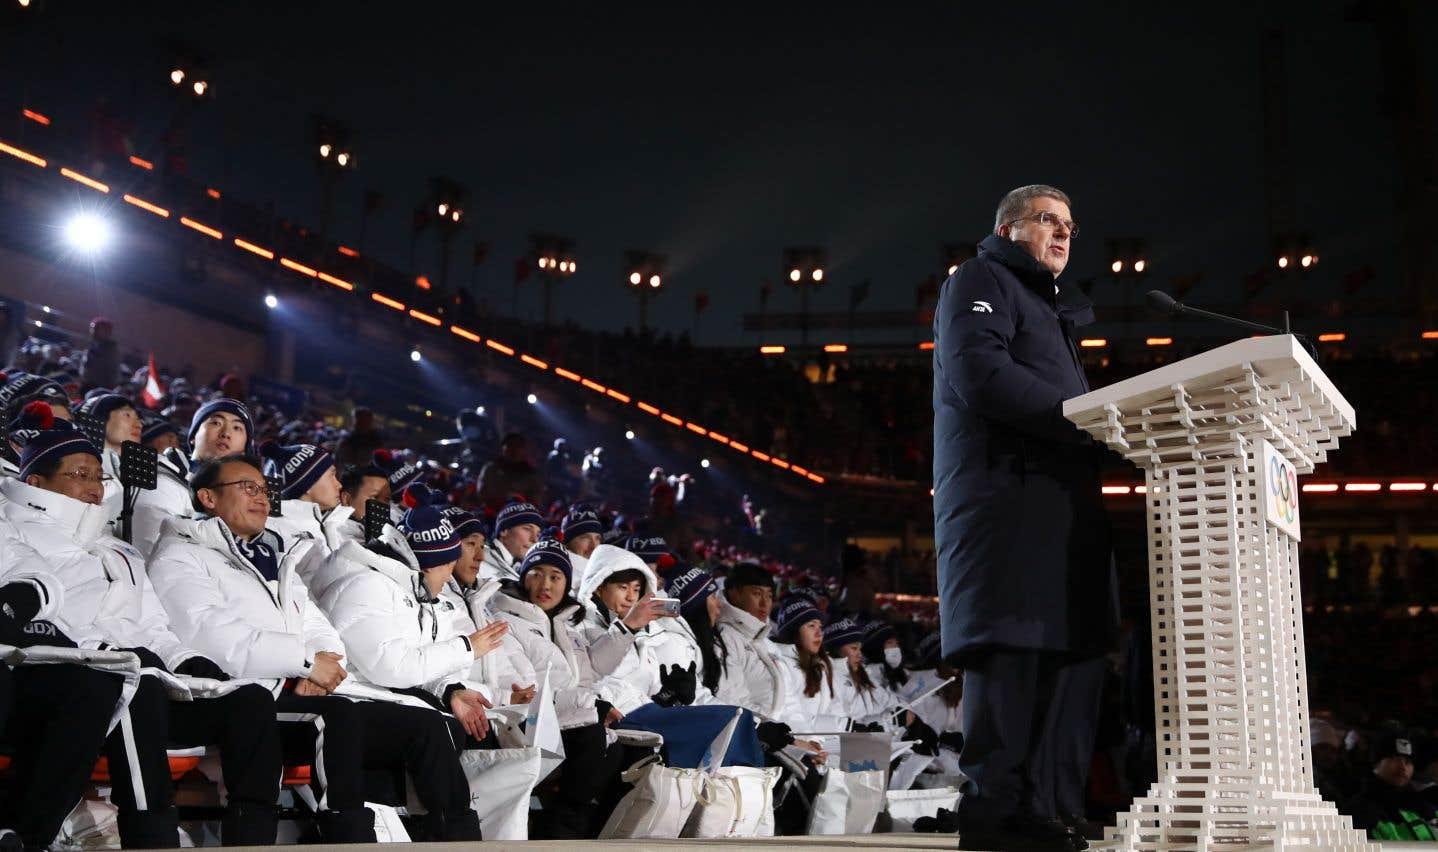 Le président du Comité olympique international, Thomas Bach, lors de la cérémonie d'ouverture des Jeux de Pyeongchang